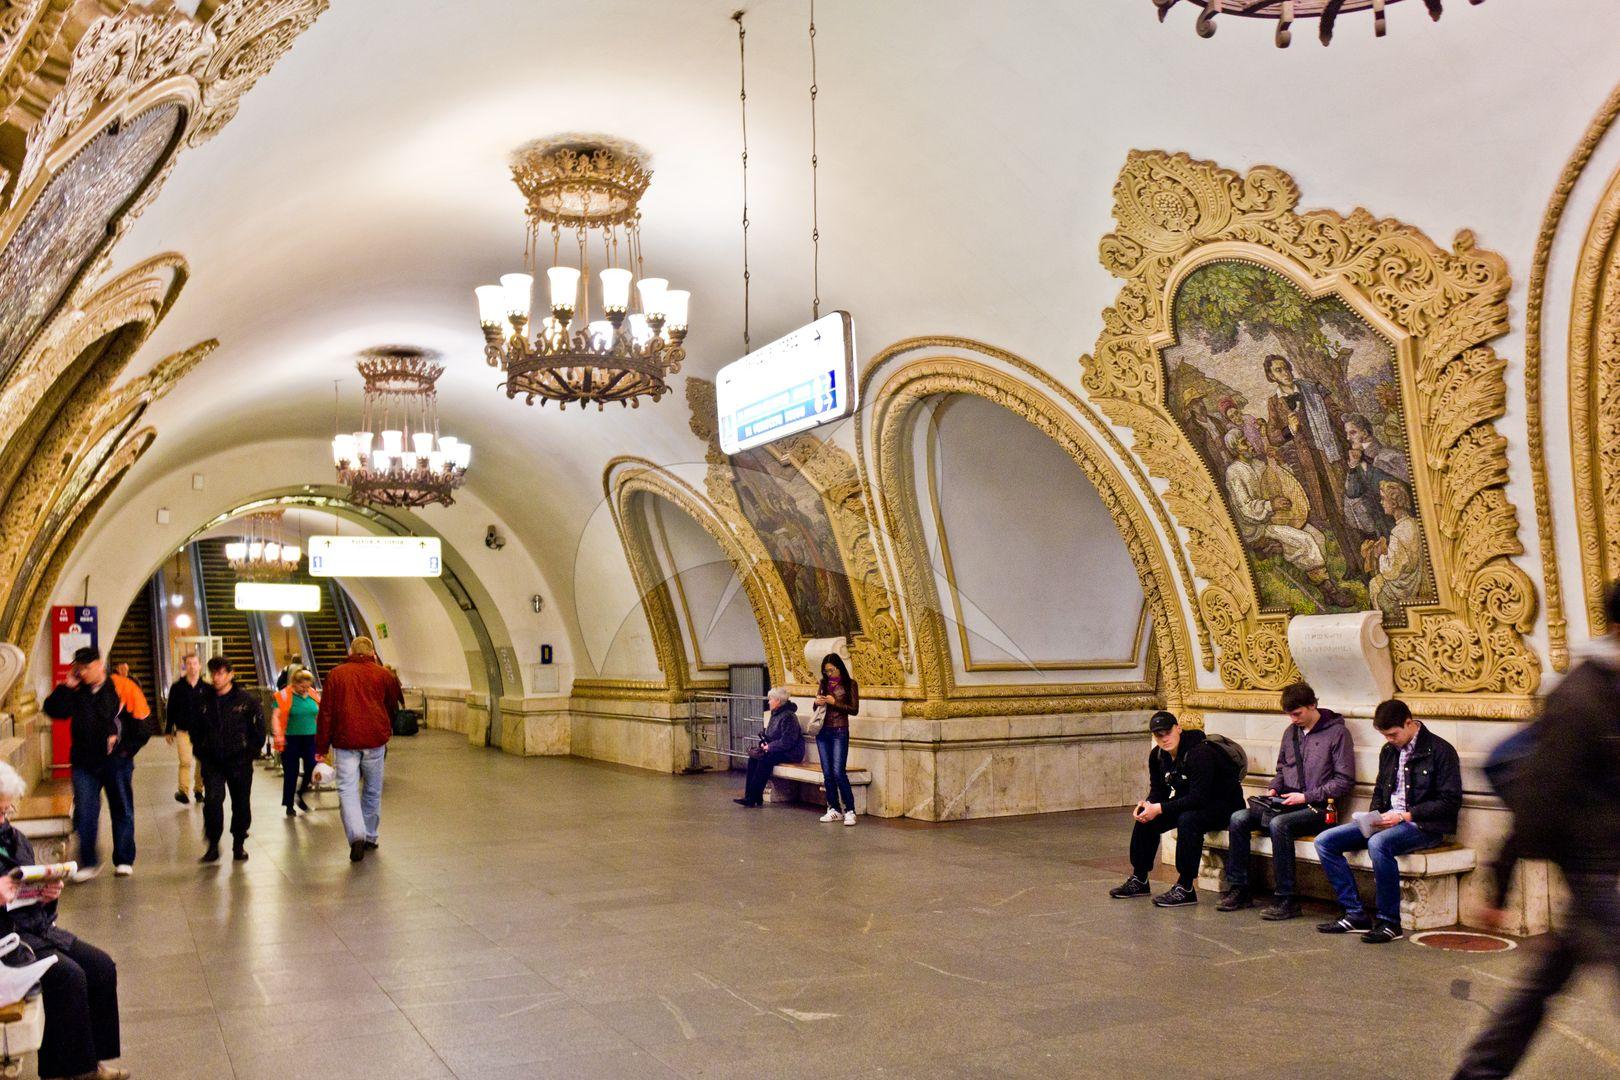 Станция Московского метрополитена Кольцевой линии «Киевская», 1954 г., арх. Е.И. Катонин, В.К. Скугарев, Г.Е. Голубев — соавтор